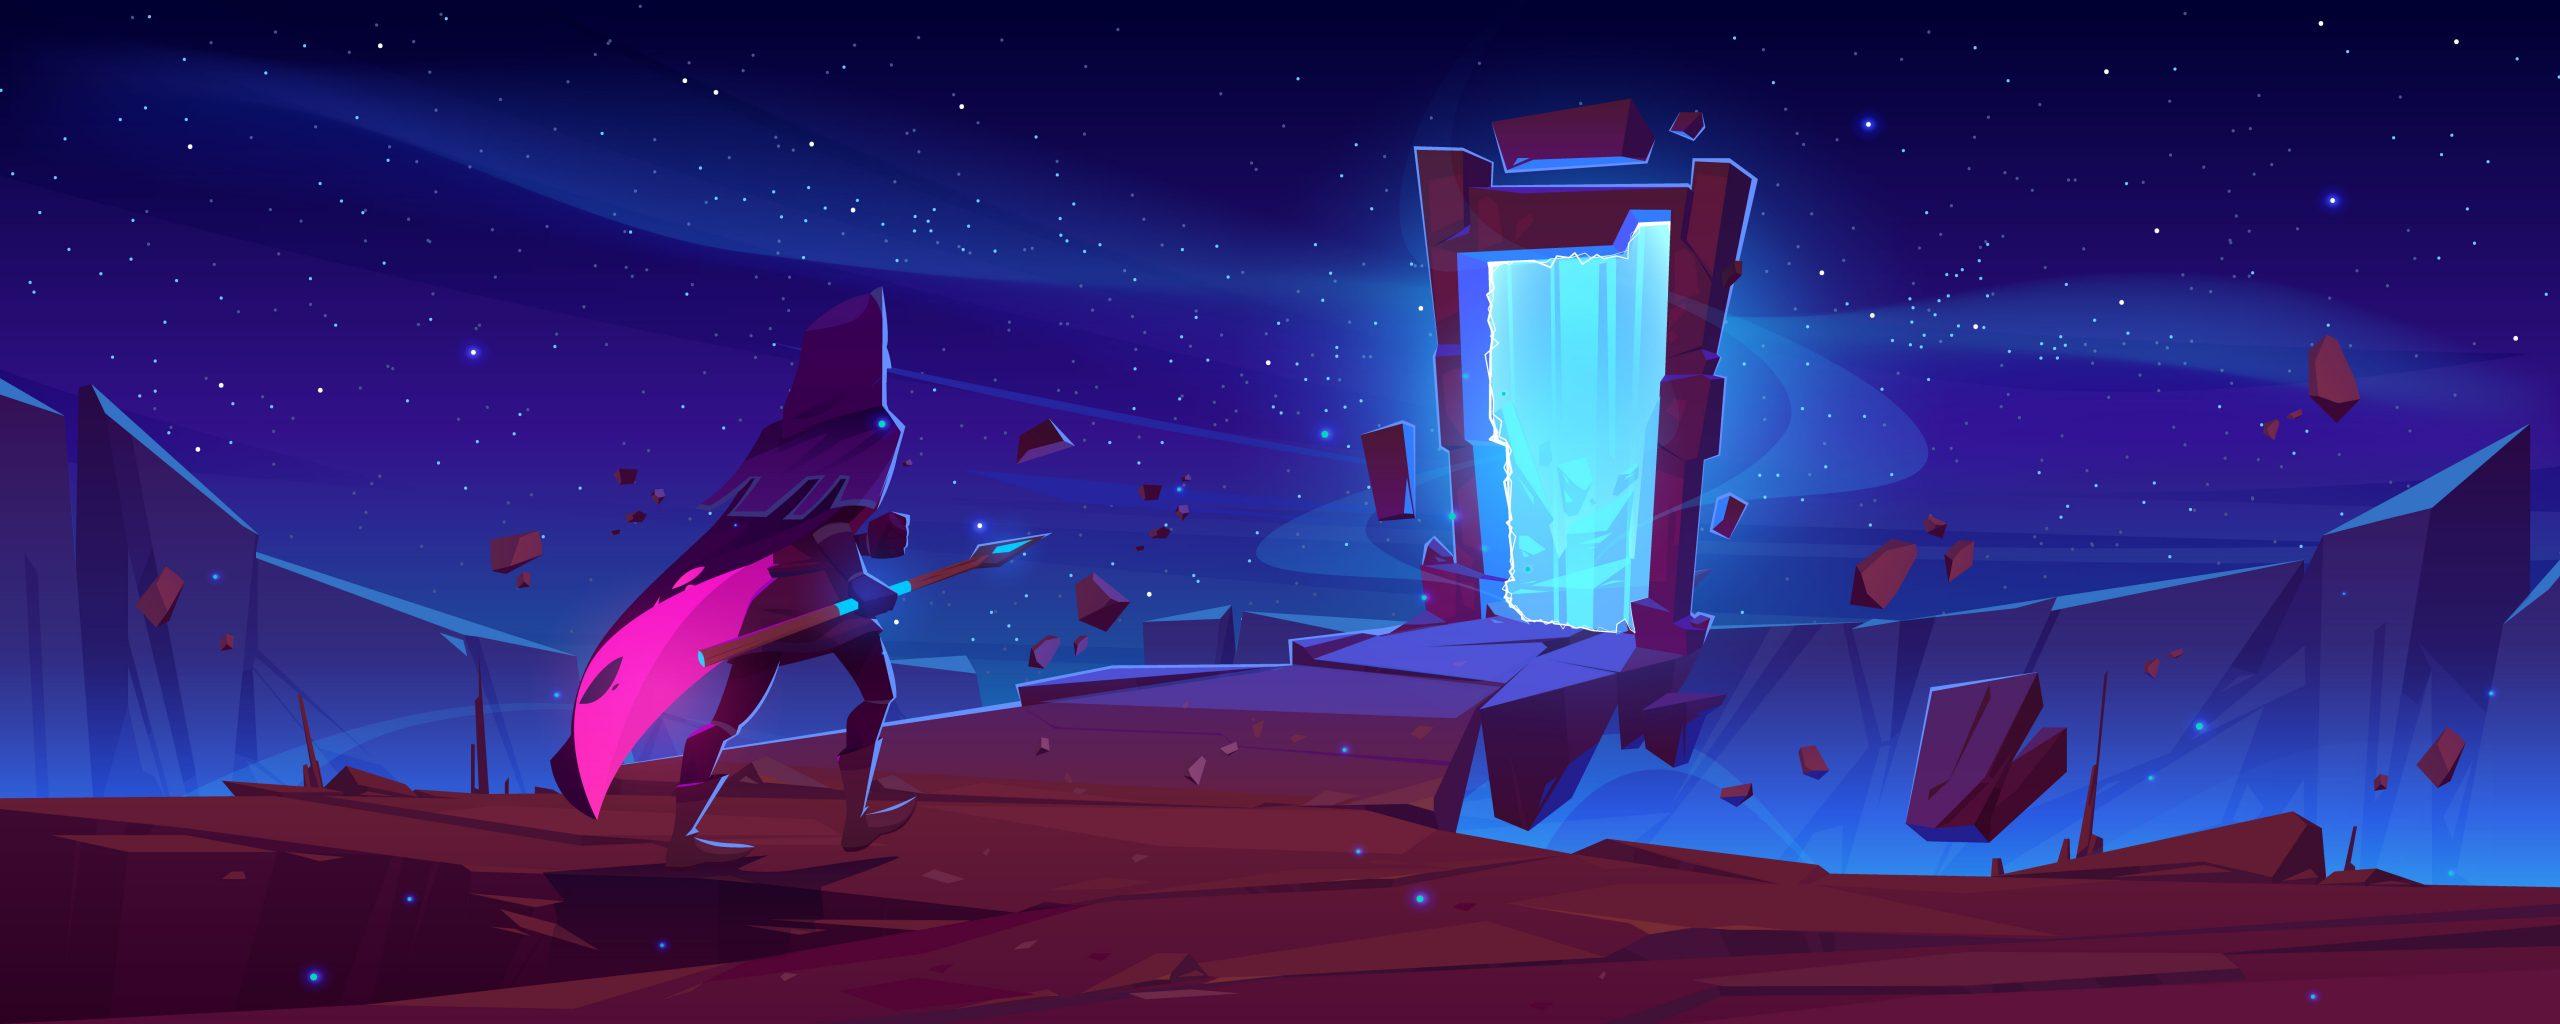 mago caminando hacia portal mágico